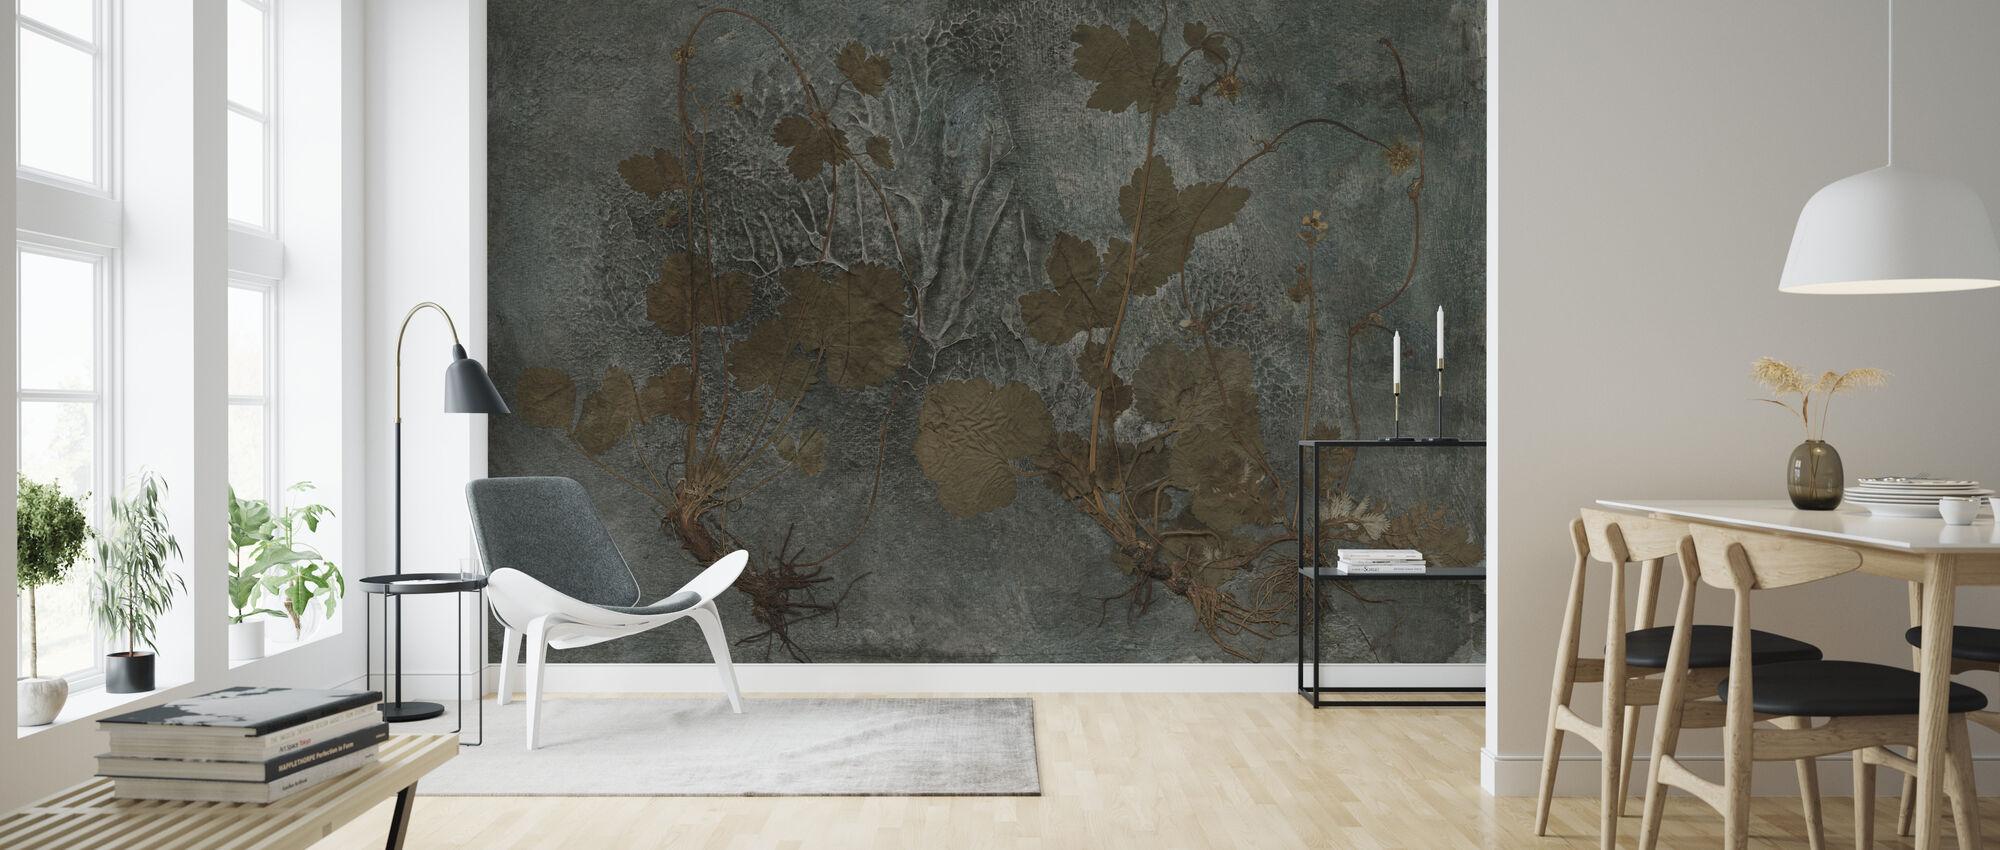 Melange - Wallpaper - Living Room